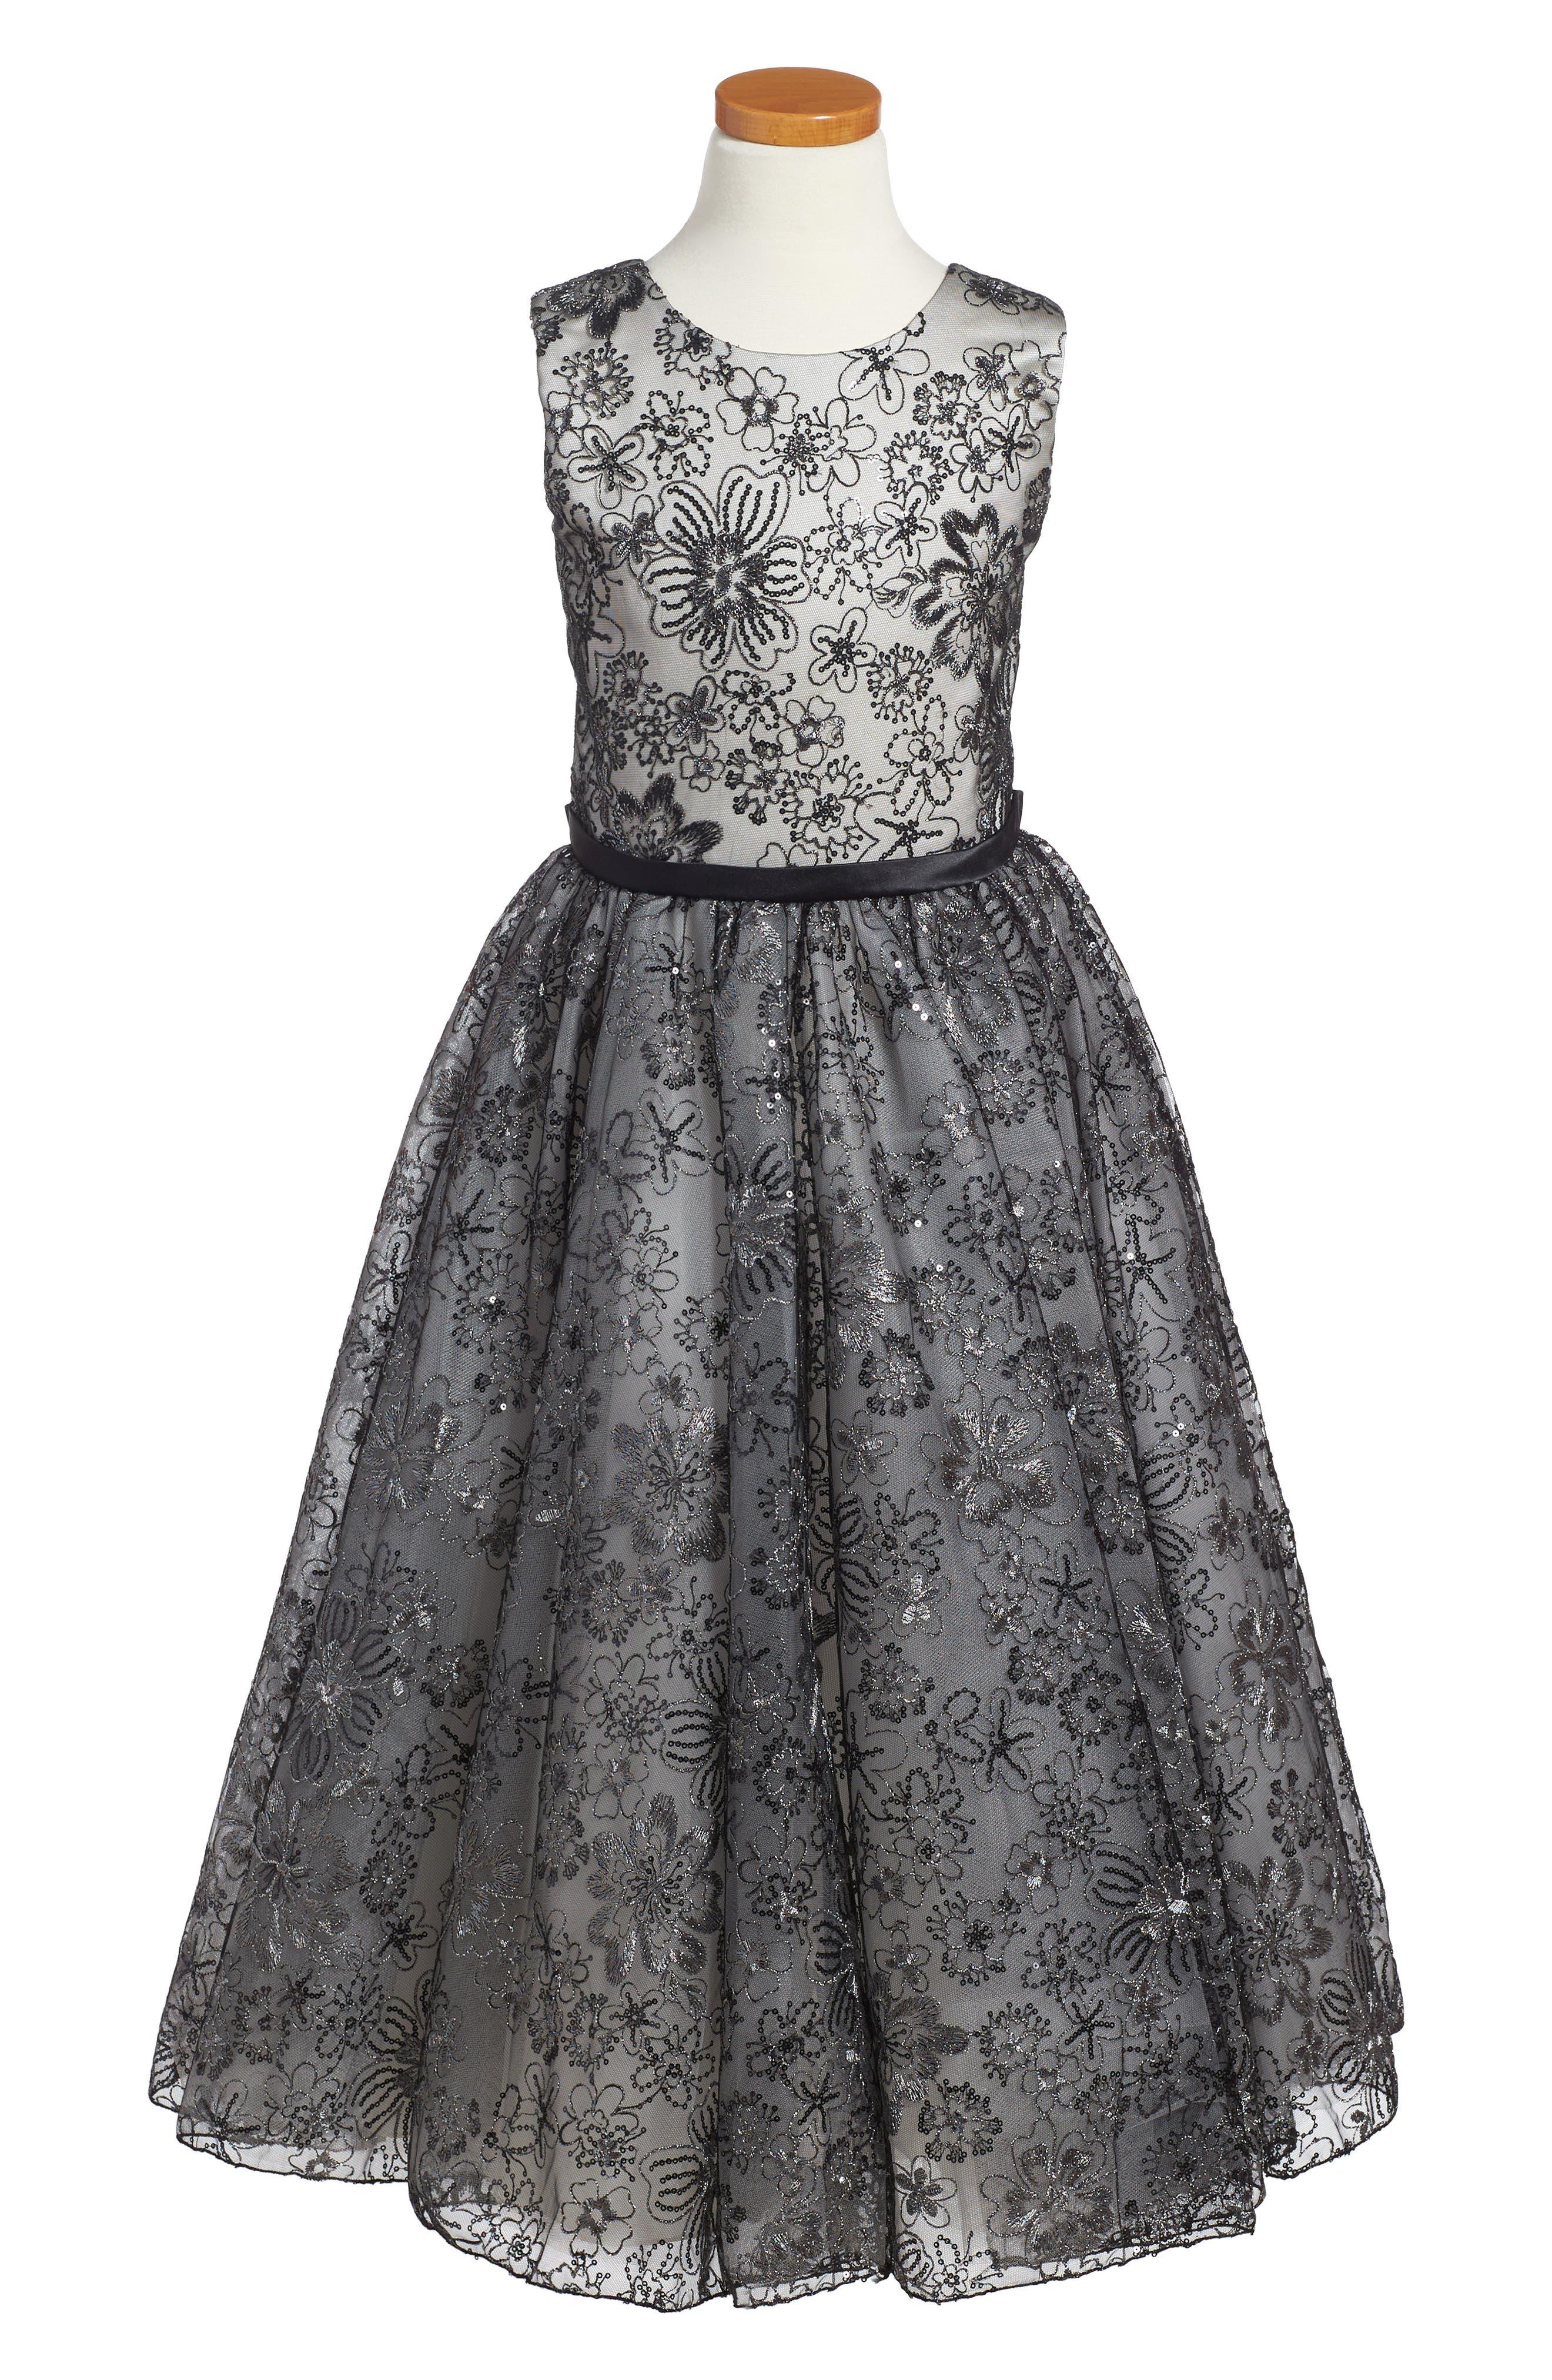 Sequin & Lace Dress,                         Main,                         color, Black/ Ivory